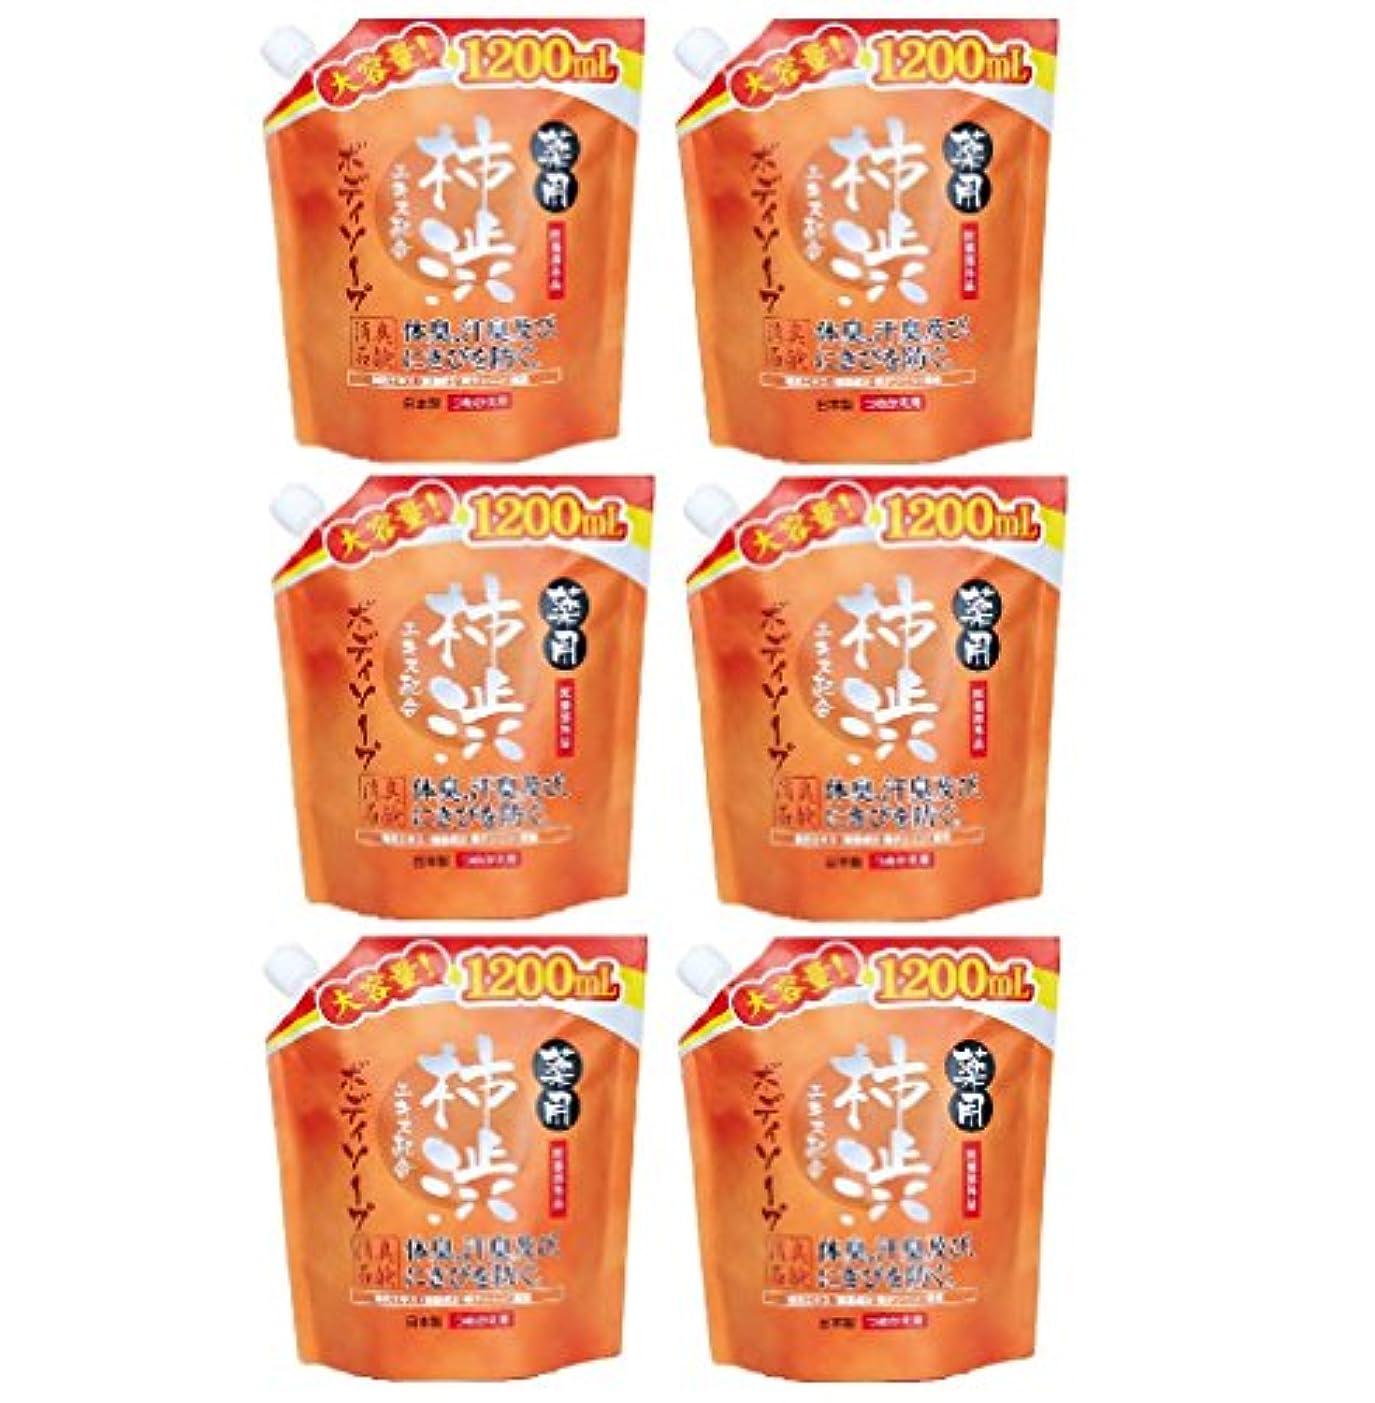 【まとめ買い】薬用柿渋 ボディソープ 大容量 (つめかえ用) 1200mL 【医薬部外品】×6個